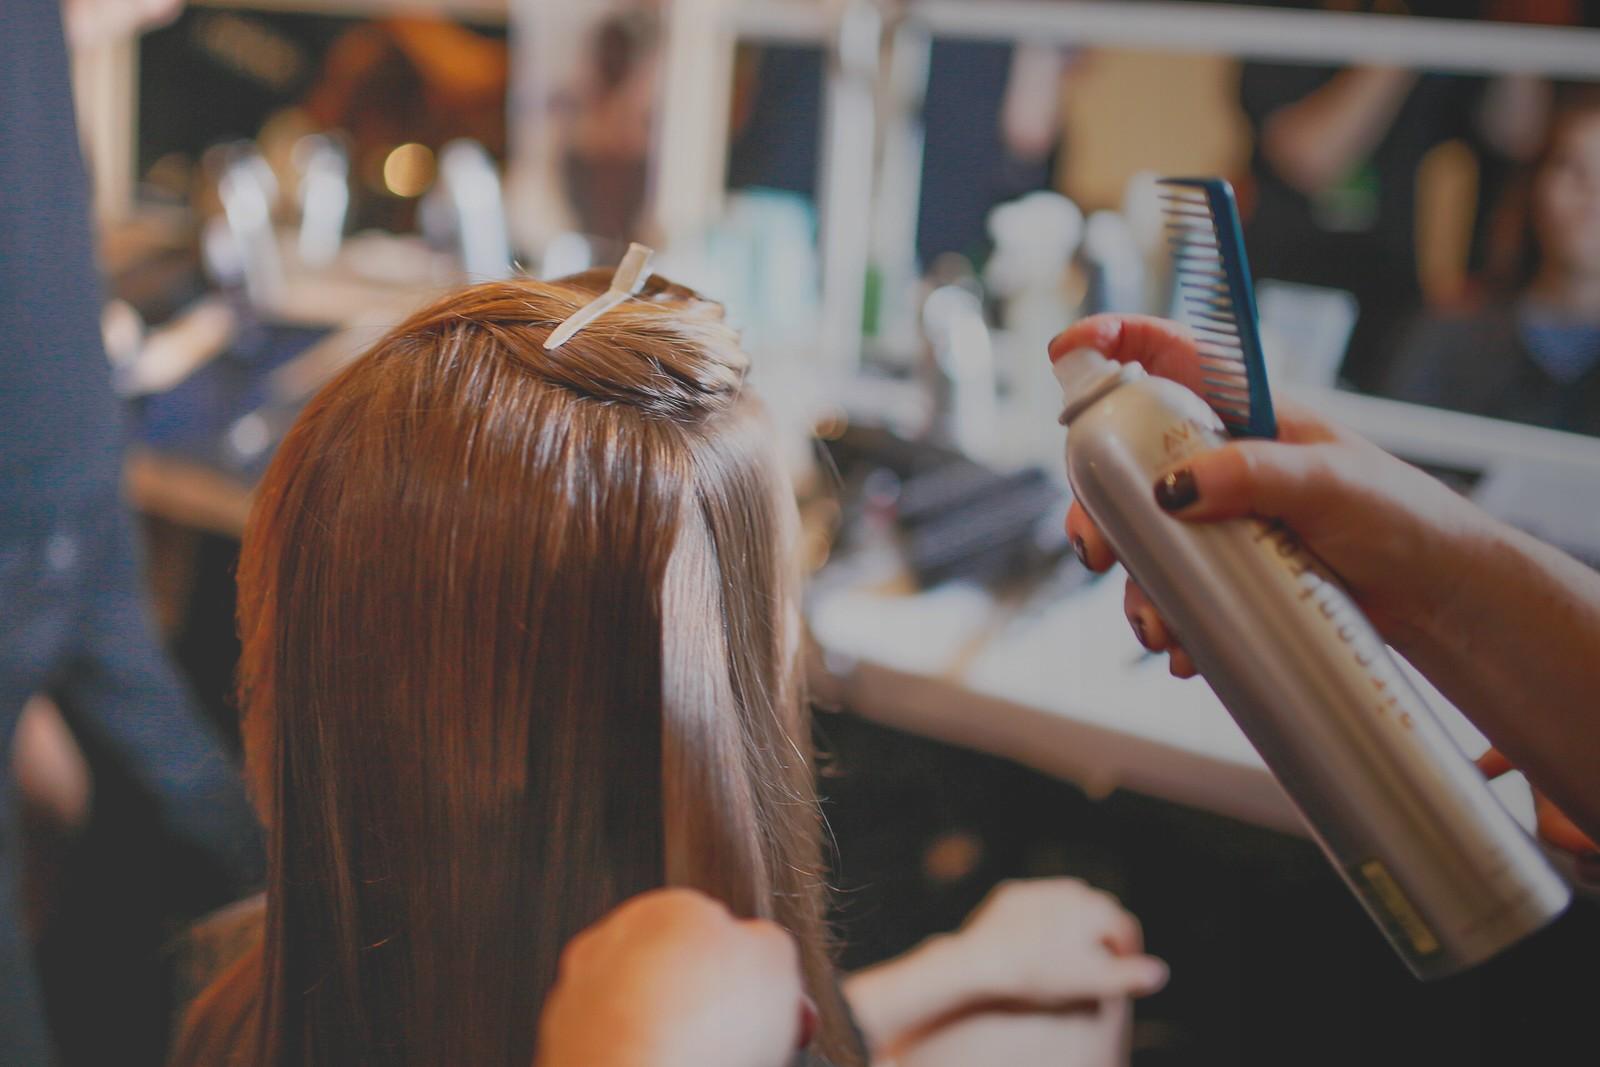 De l'art de se coiffer ou comment concilier ses envies et la réalité